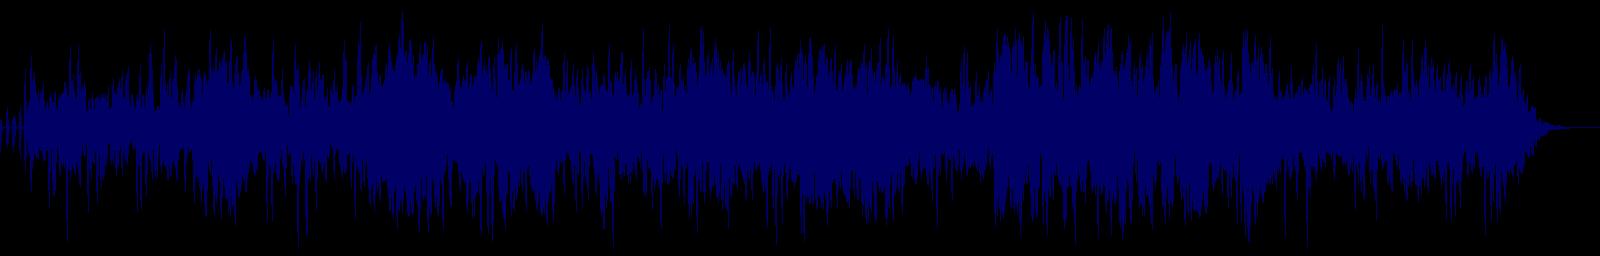 waveform of track #124699